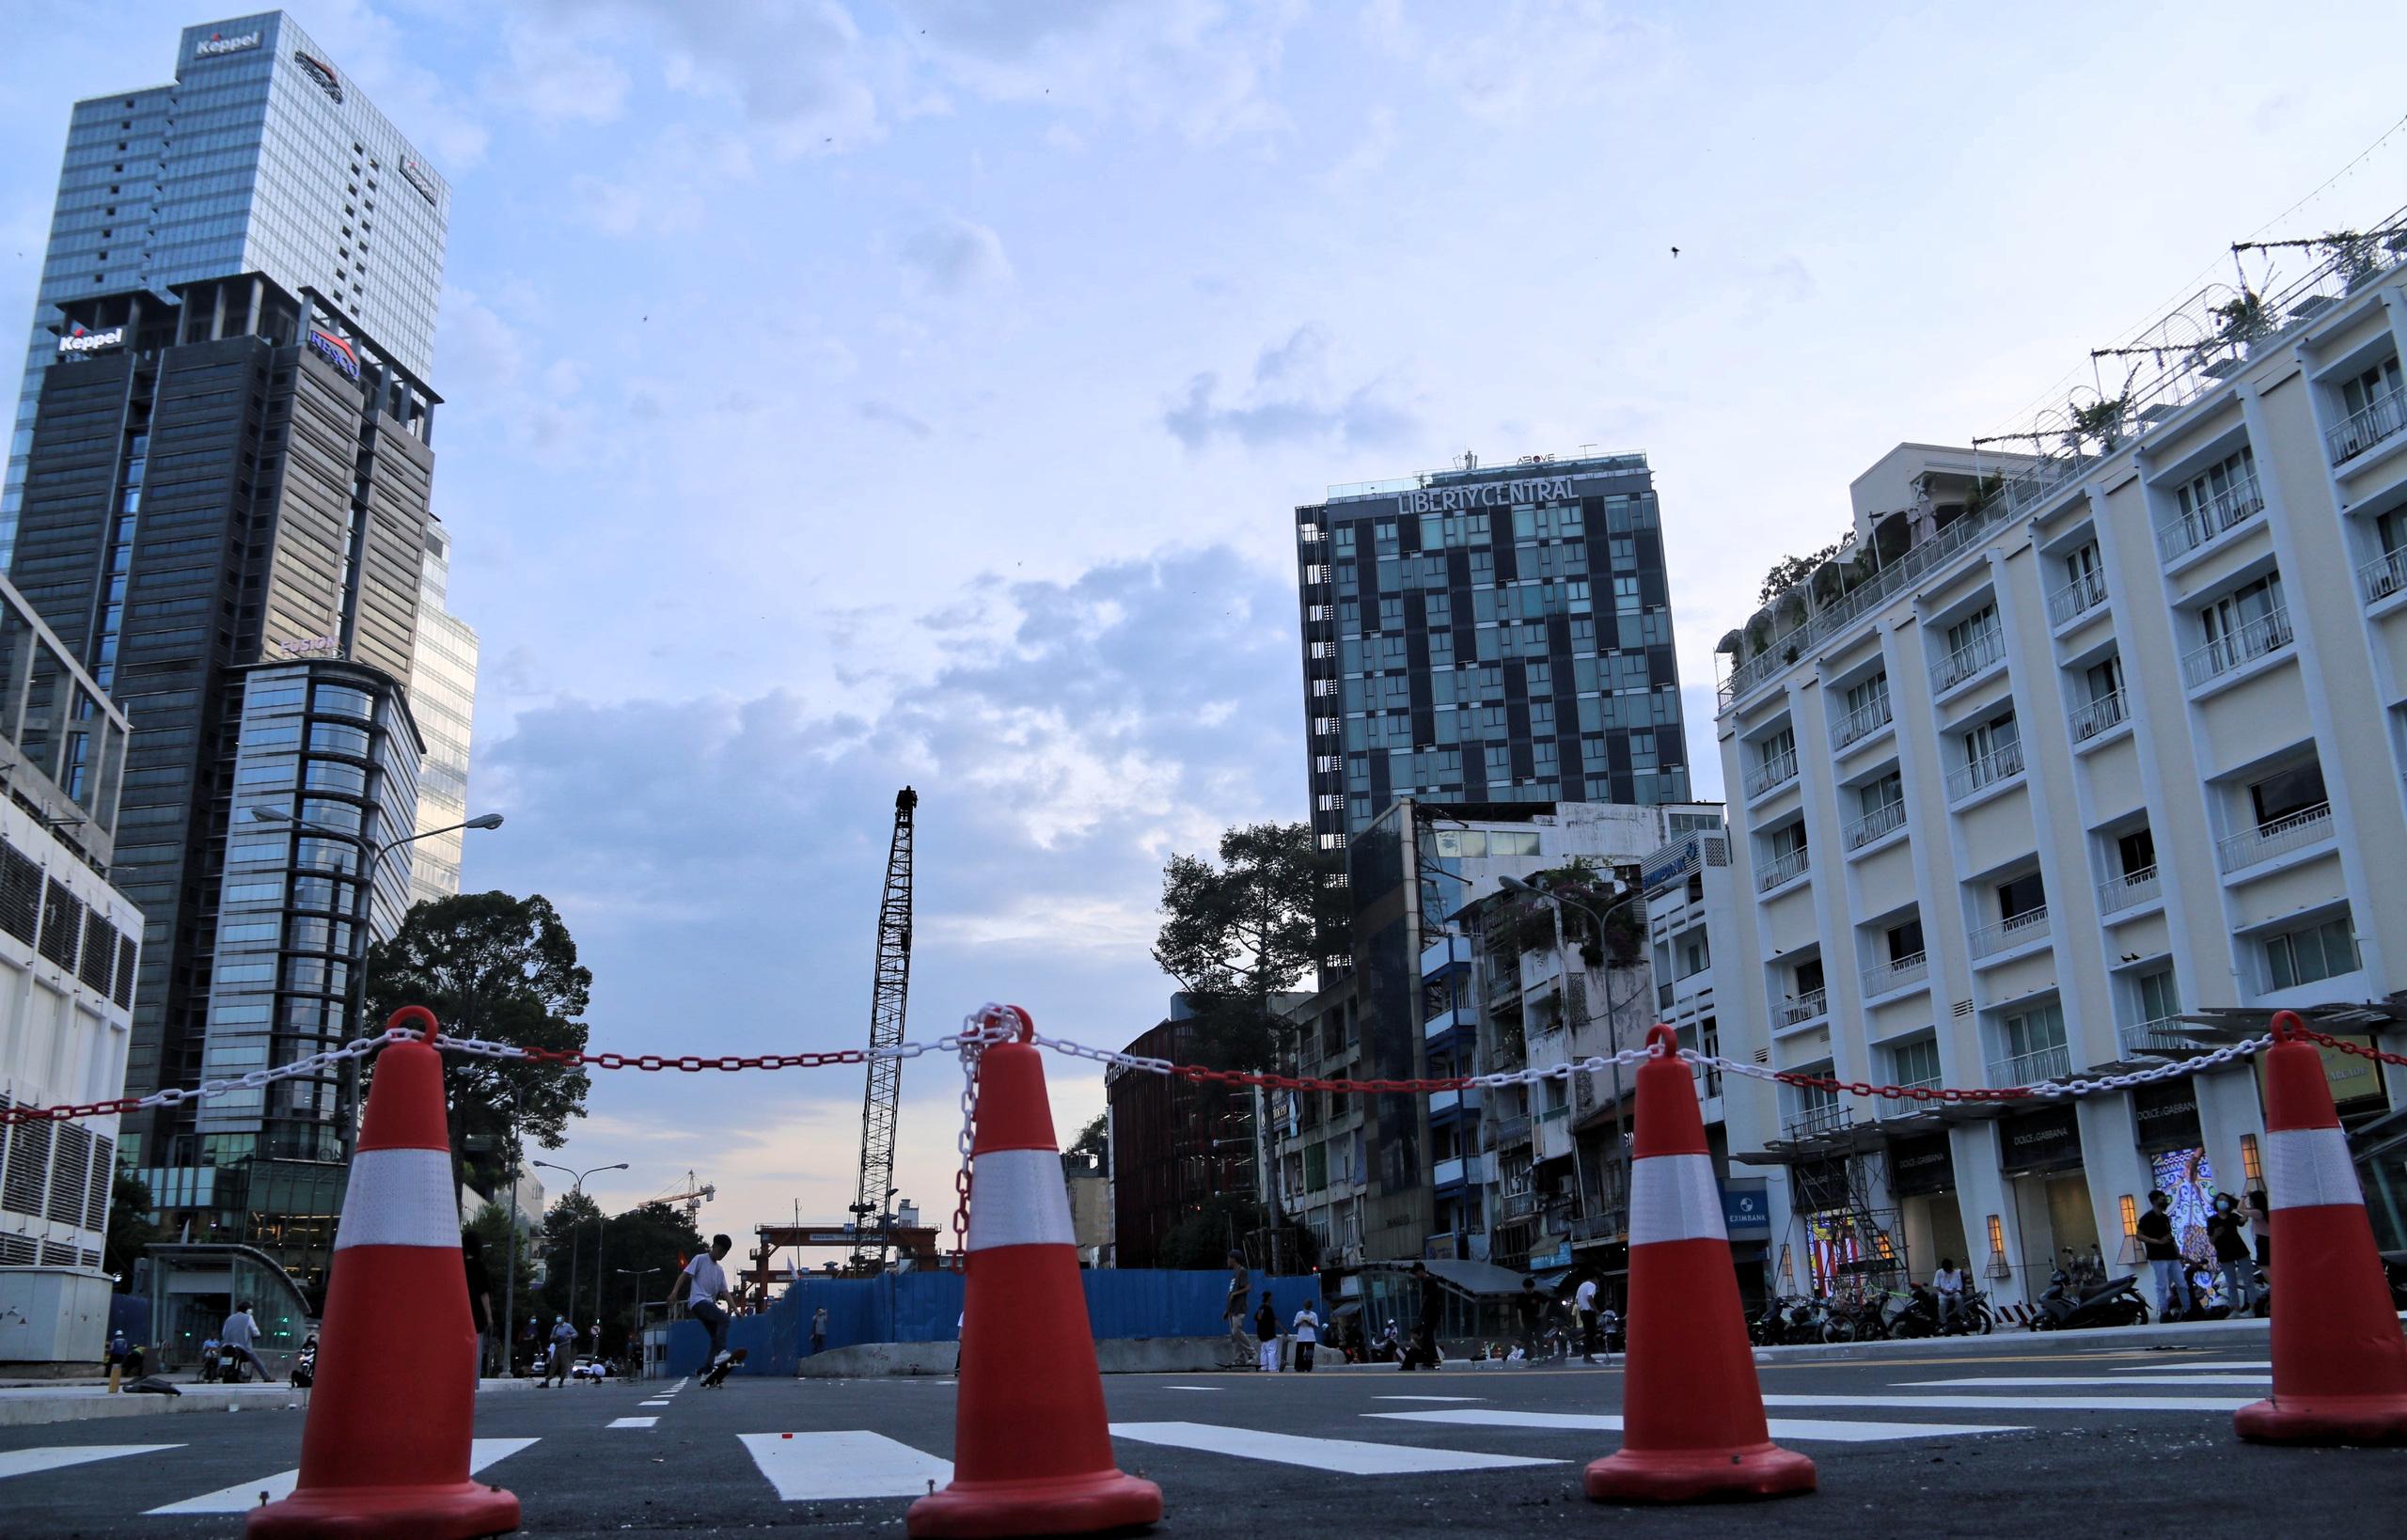 Trung tâm Sài Gòn thoáng đãng sau khi thông tuyến đường Nguyễn Hữu Cảnh và Lê Lợi - Ảnh 7.